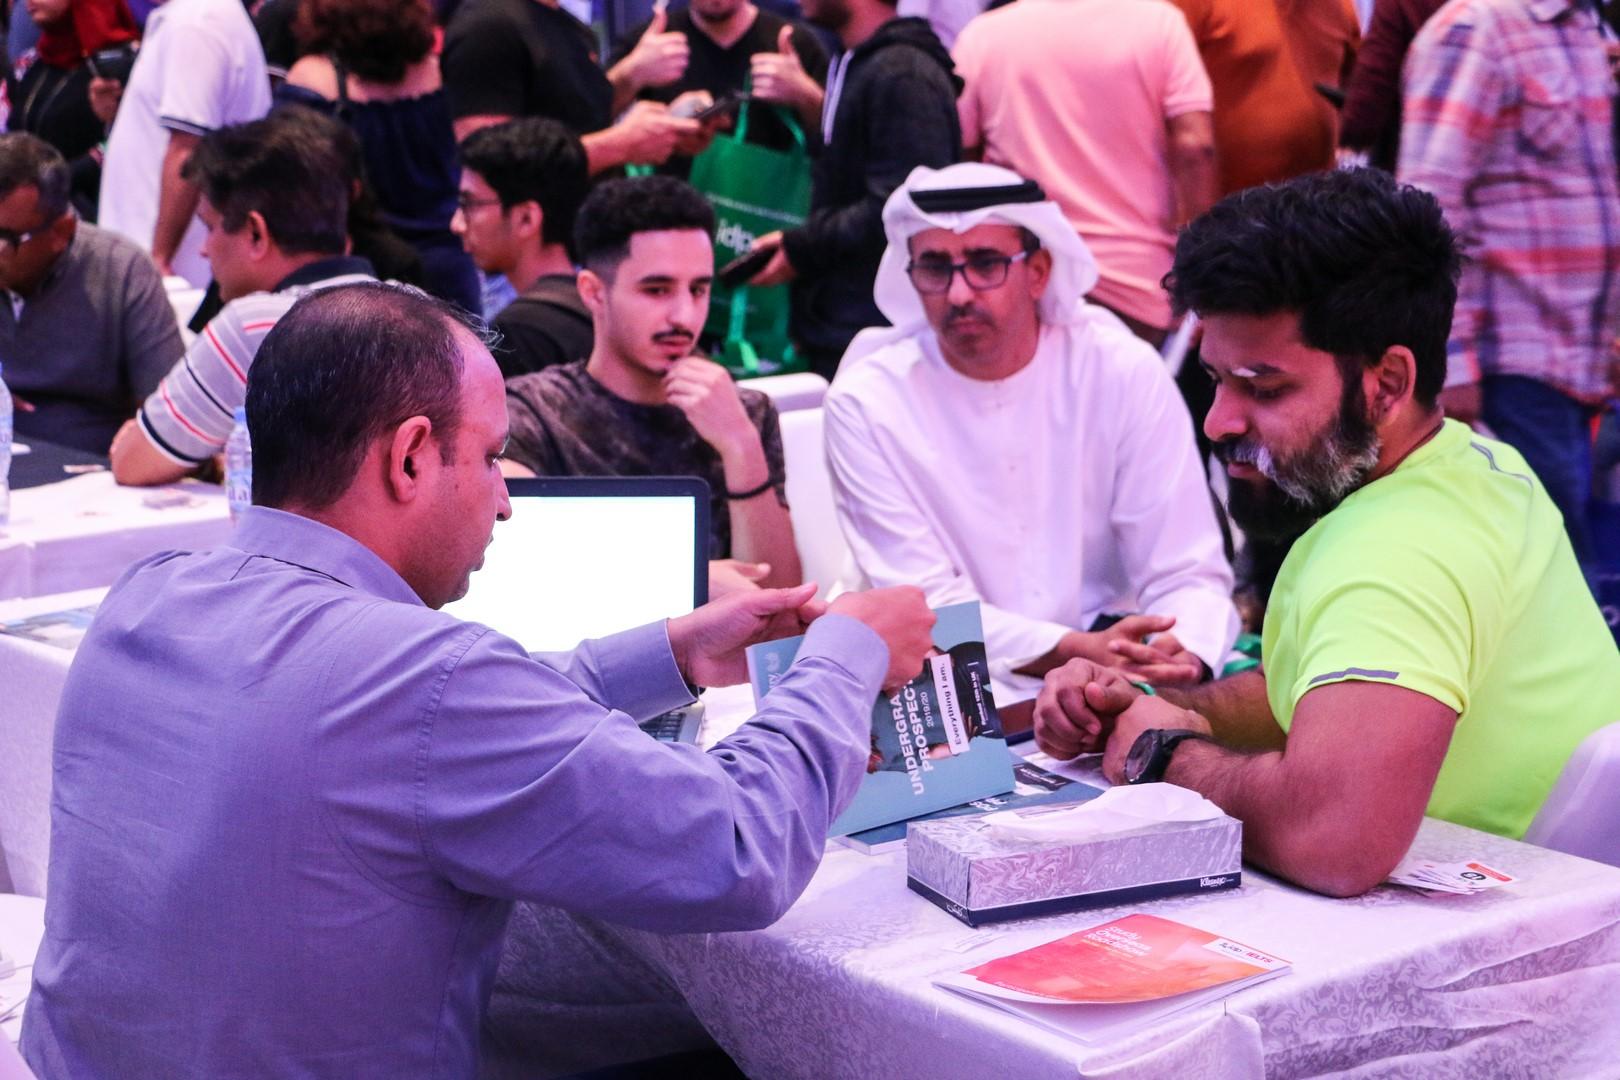 أكبر معرض تعليمي من نوعه في الإمارات